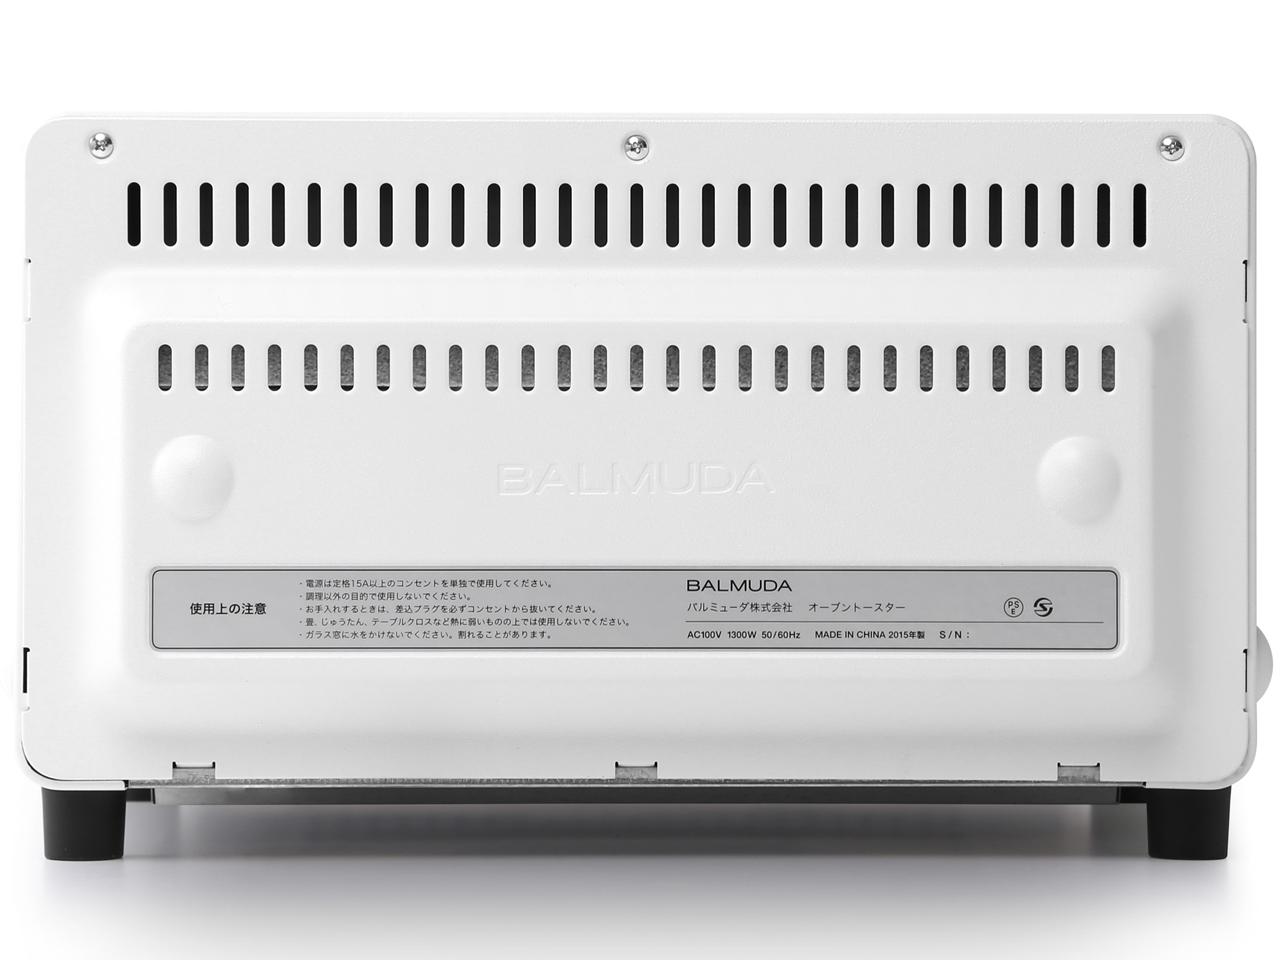 『本体 背面』 The Toaster K01E-WS [ホワイト] の製品画像